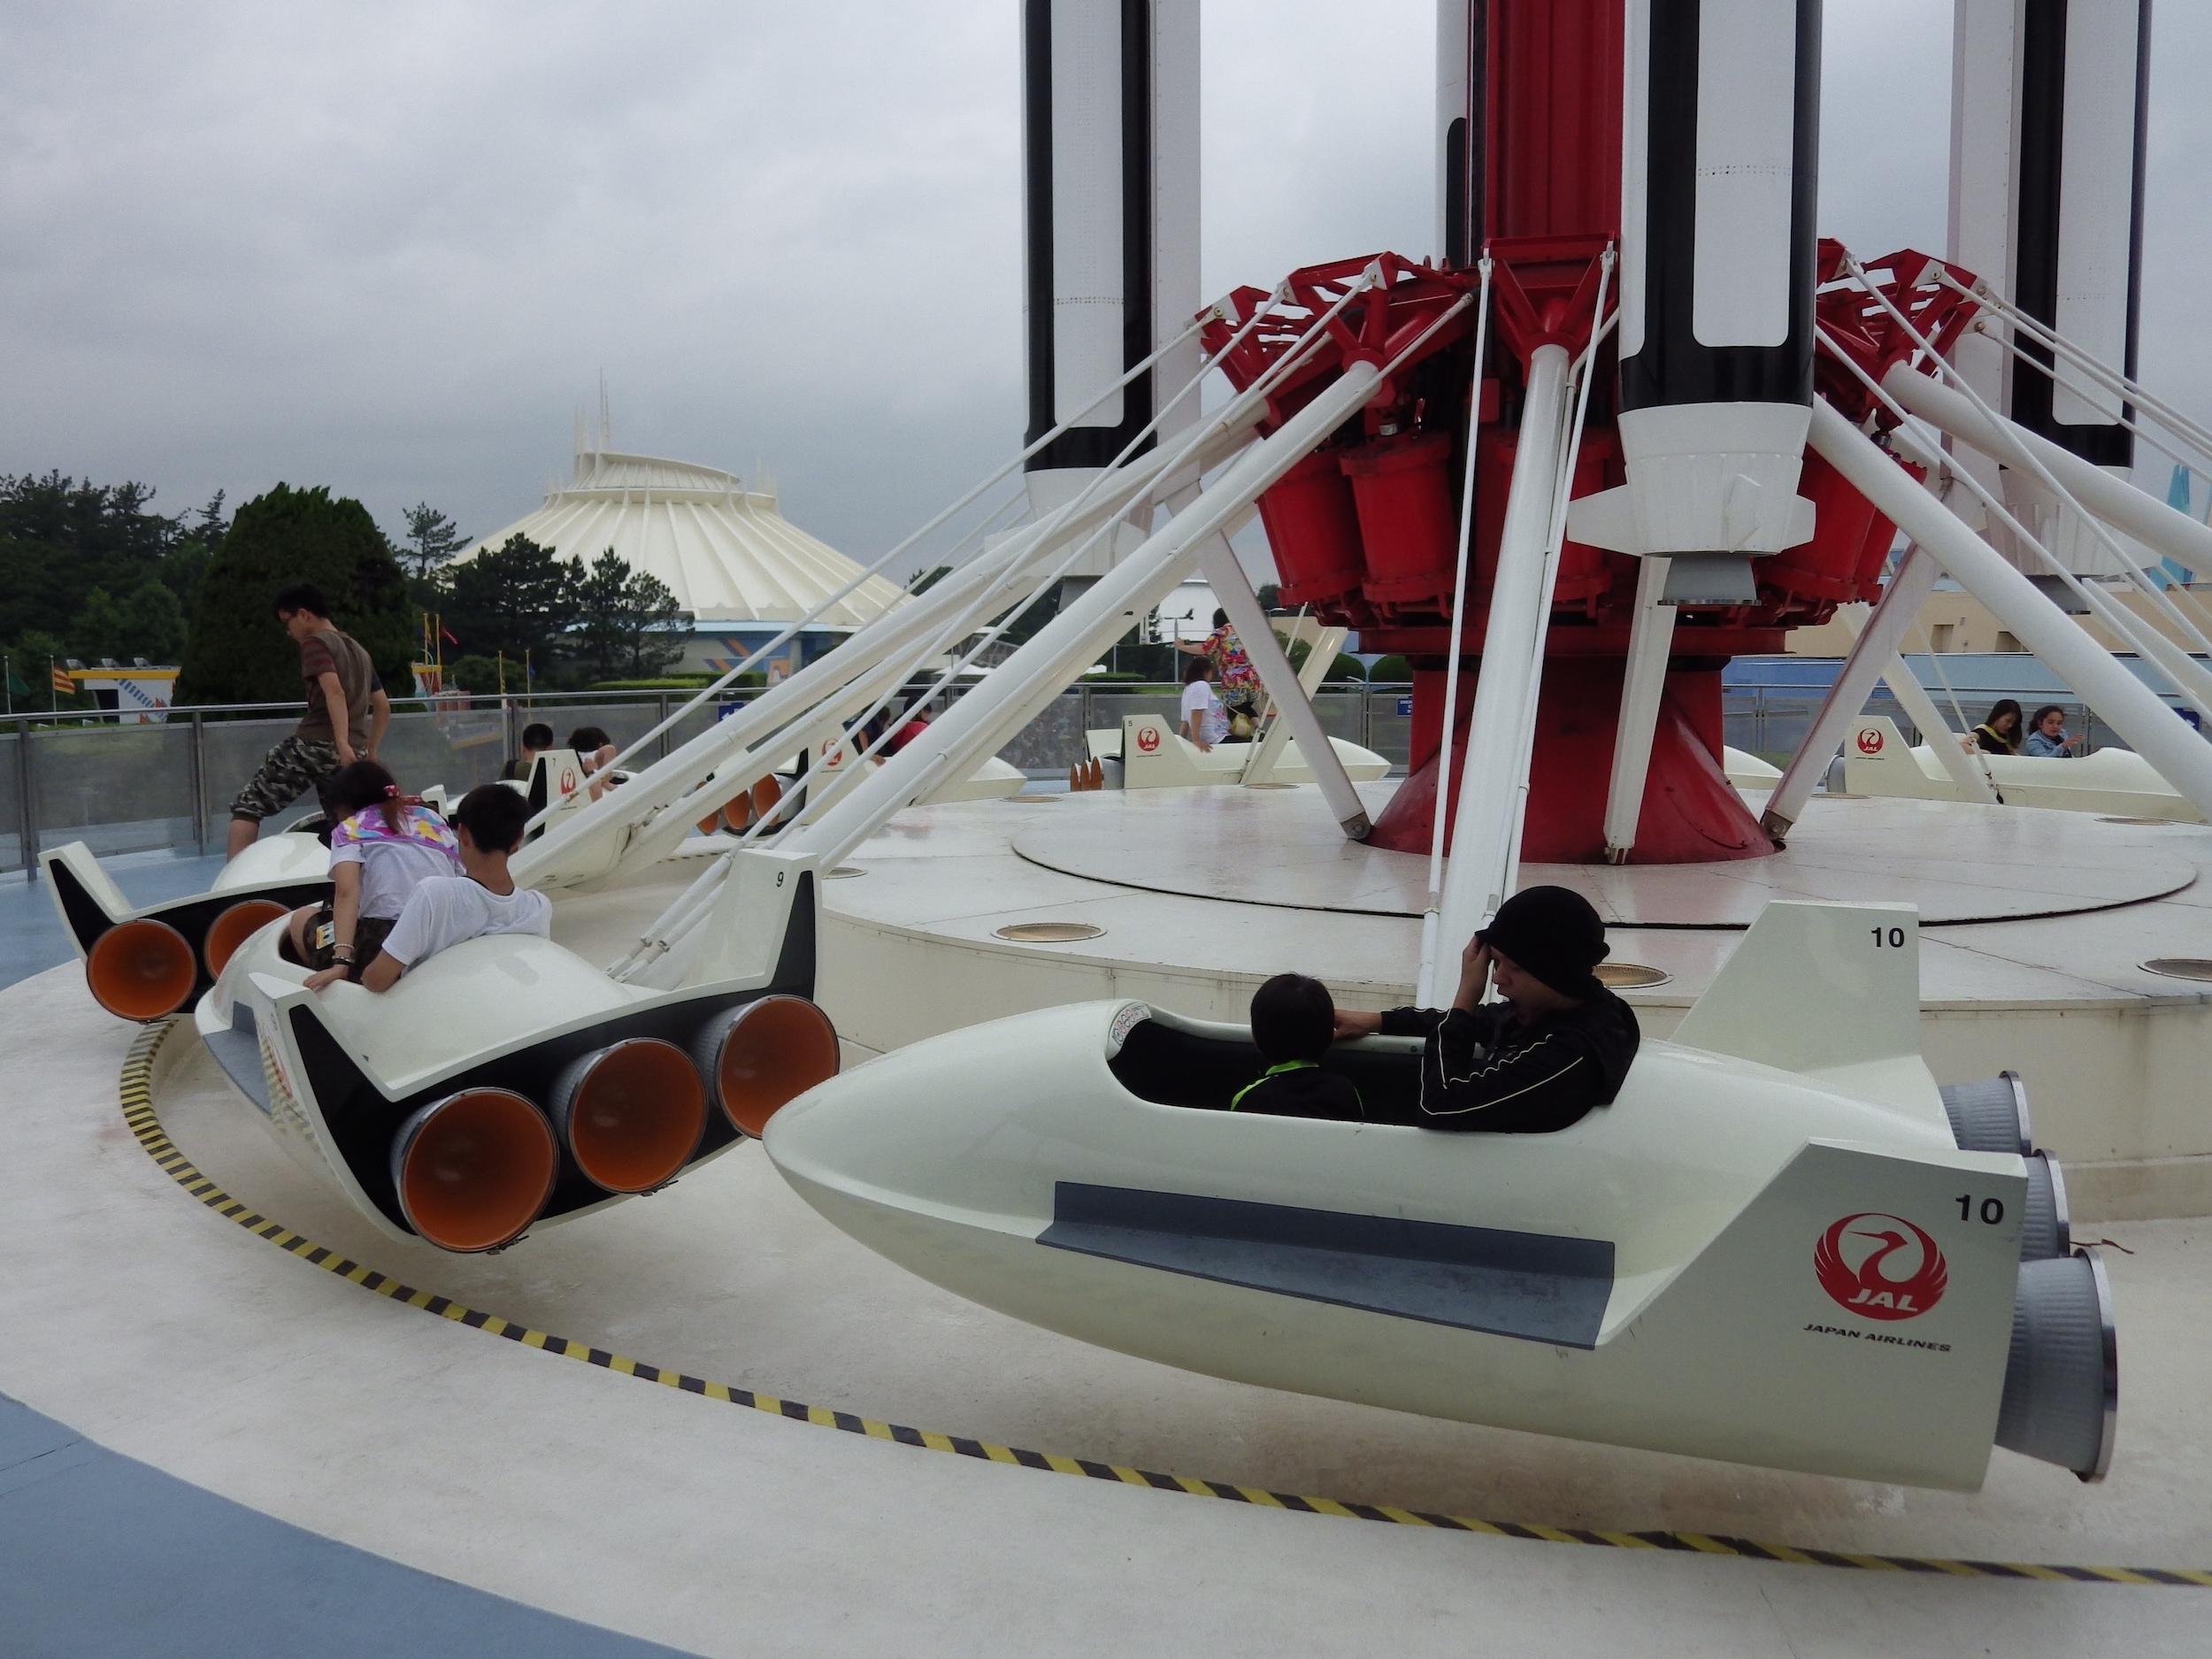 Old_TDL_Tomorrowland_016_3x4.jpg